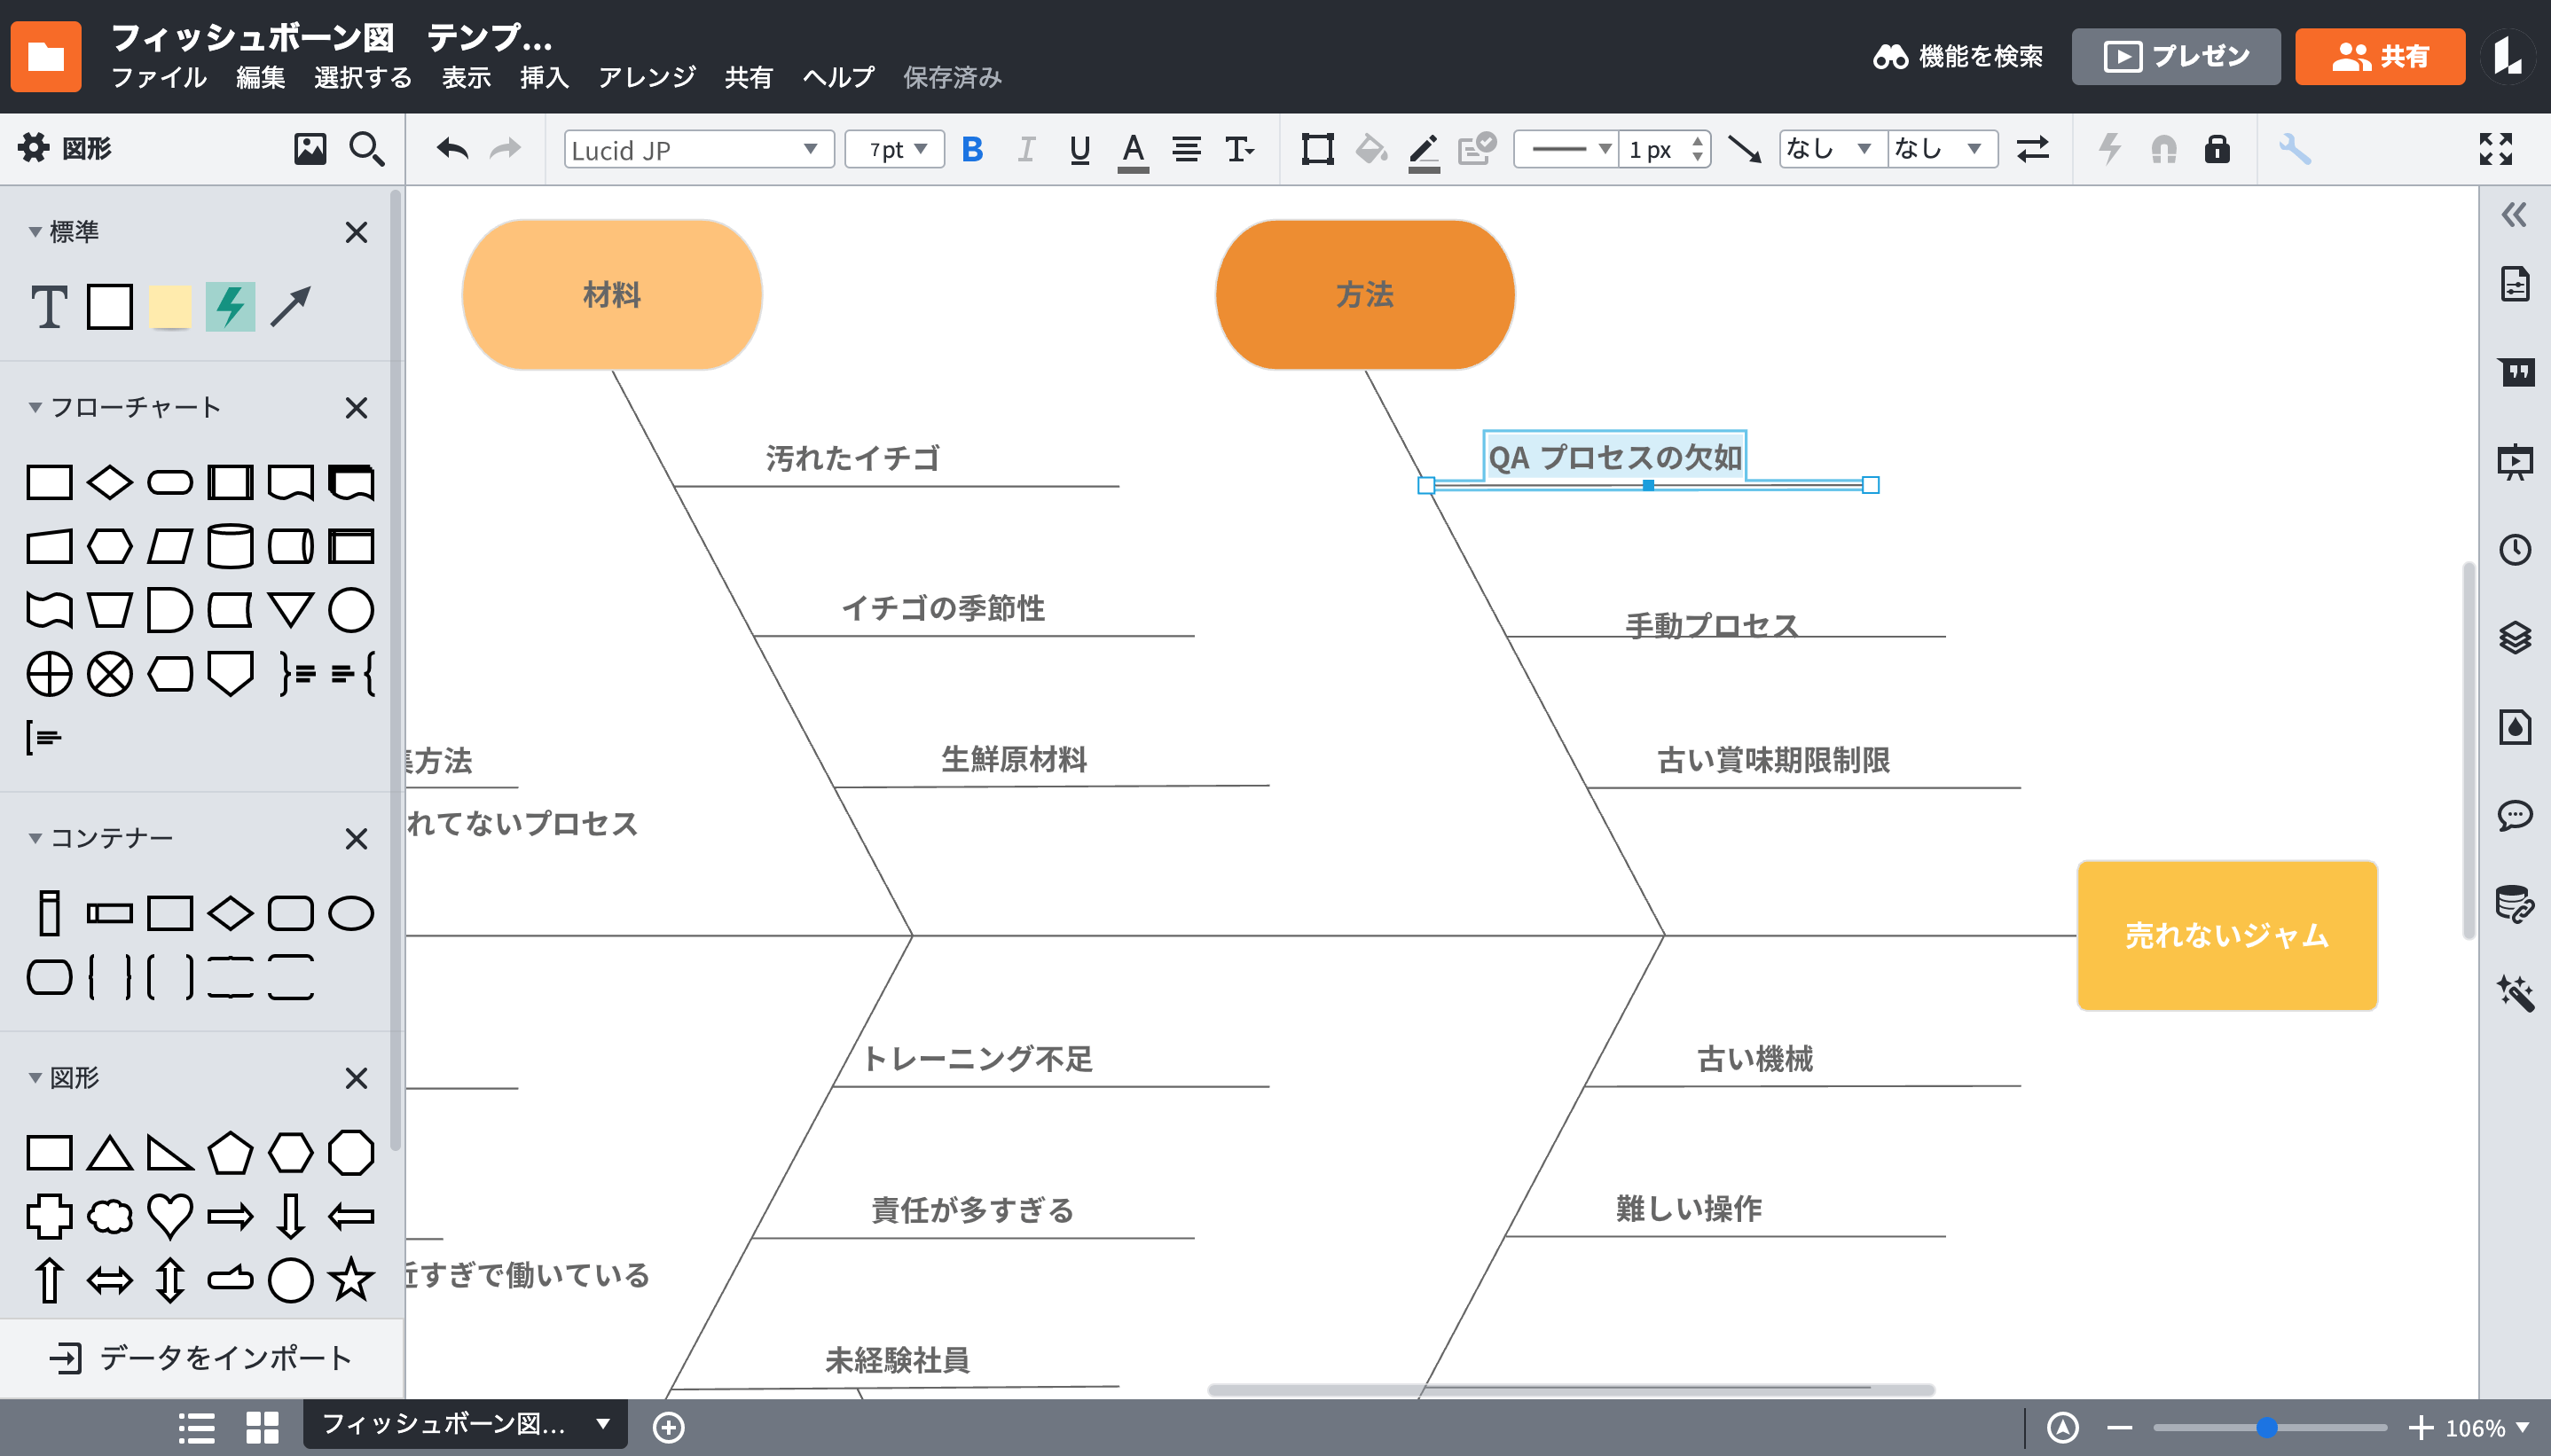 問題原因の解決に繋がるフィッシュボーン図 (特性要因図) 作成ツール